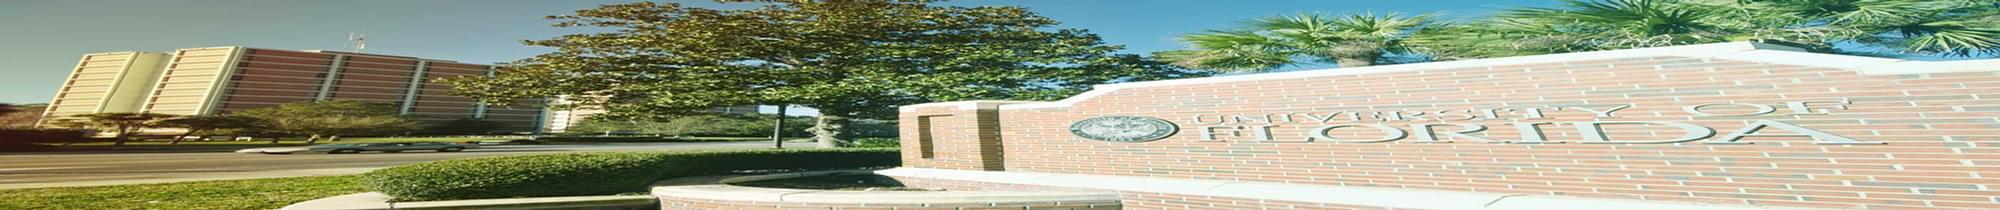 Uf 2022 Academic Calendar.University Of Florida Uf Gainesville Admission Criteria Application Deadlines 2021